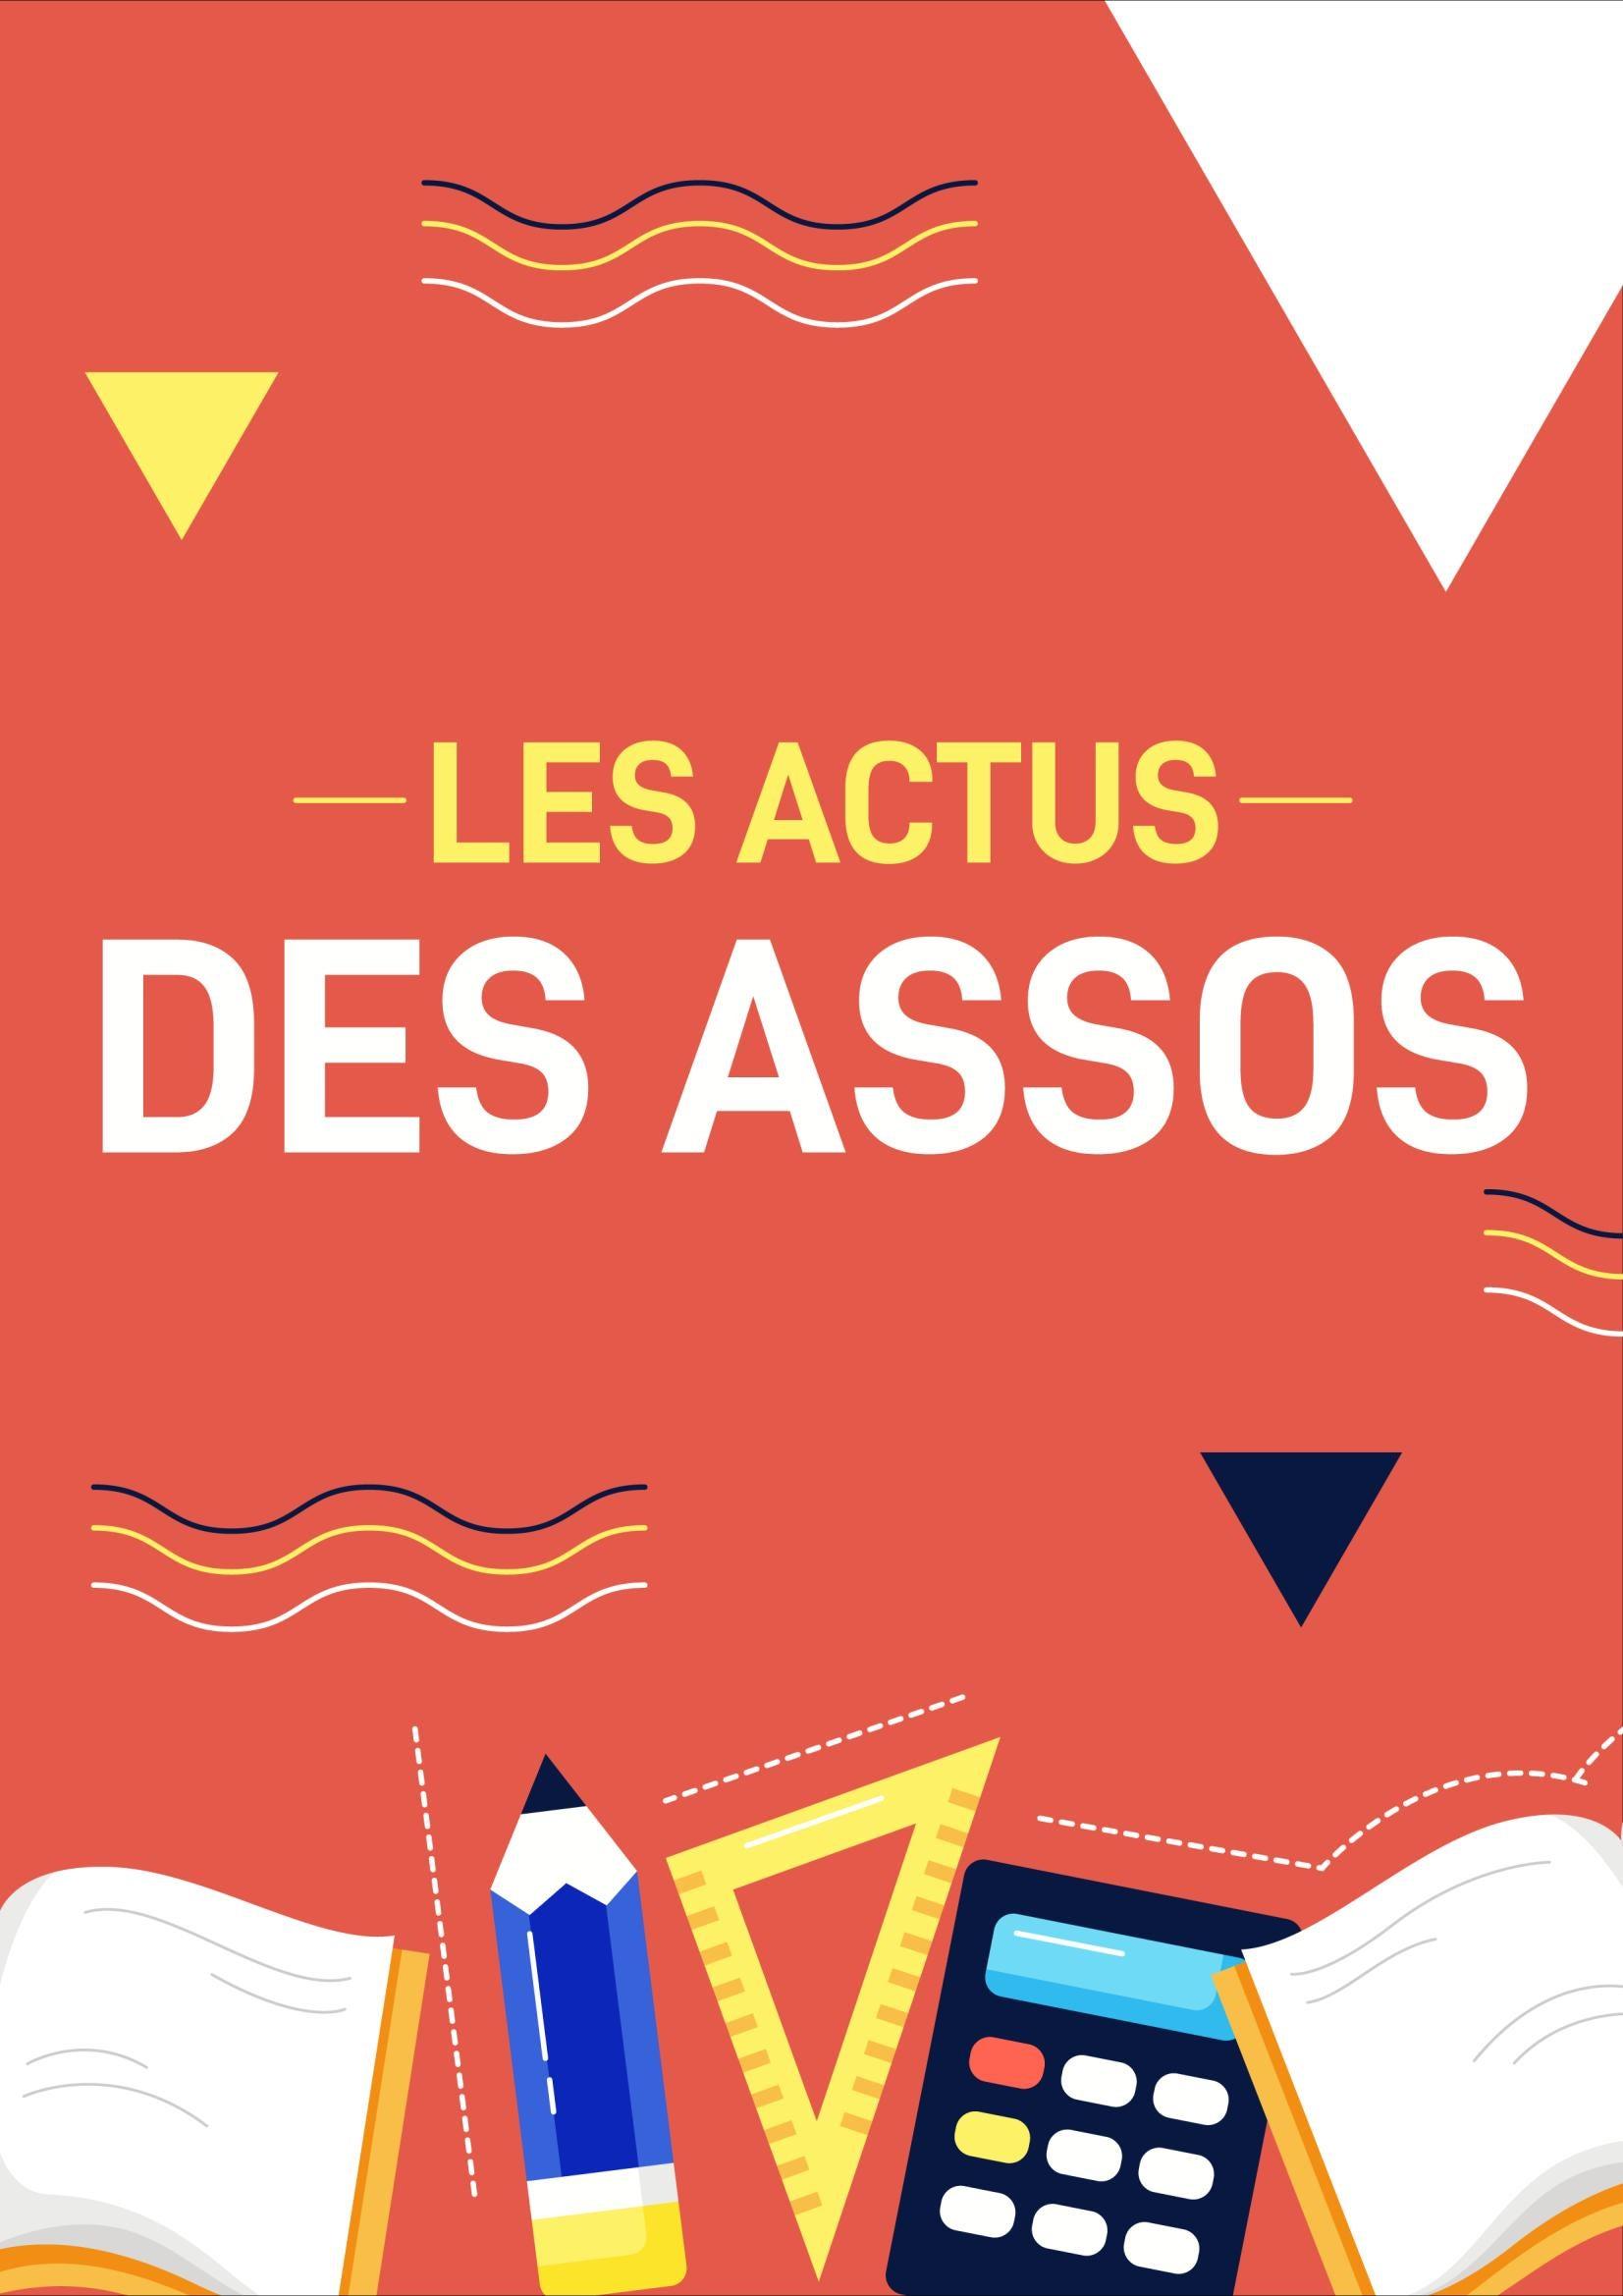 Page 6 of Les actus des assos